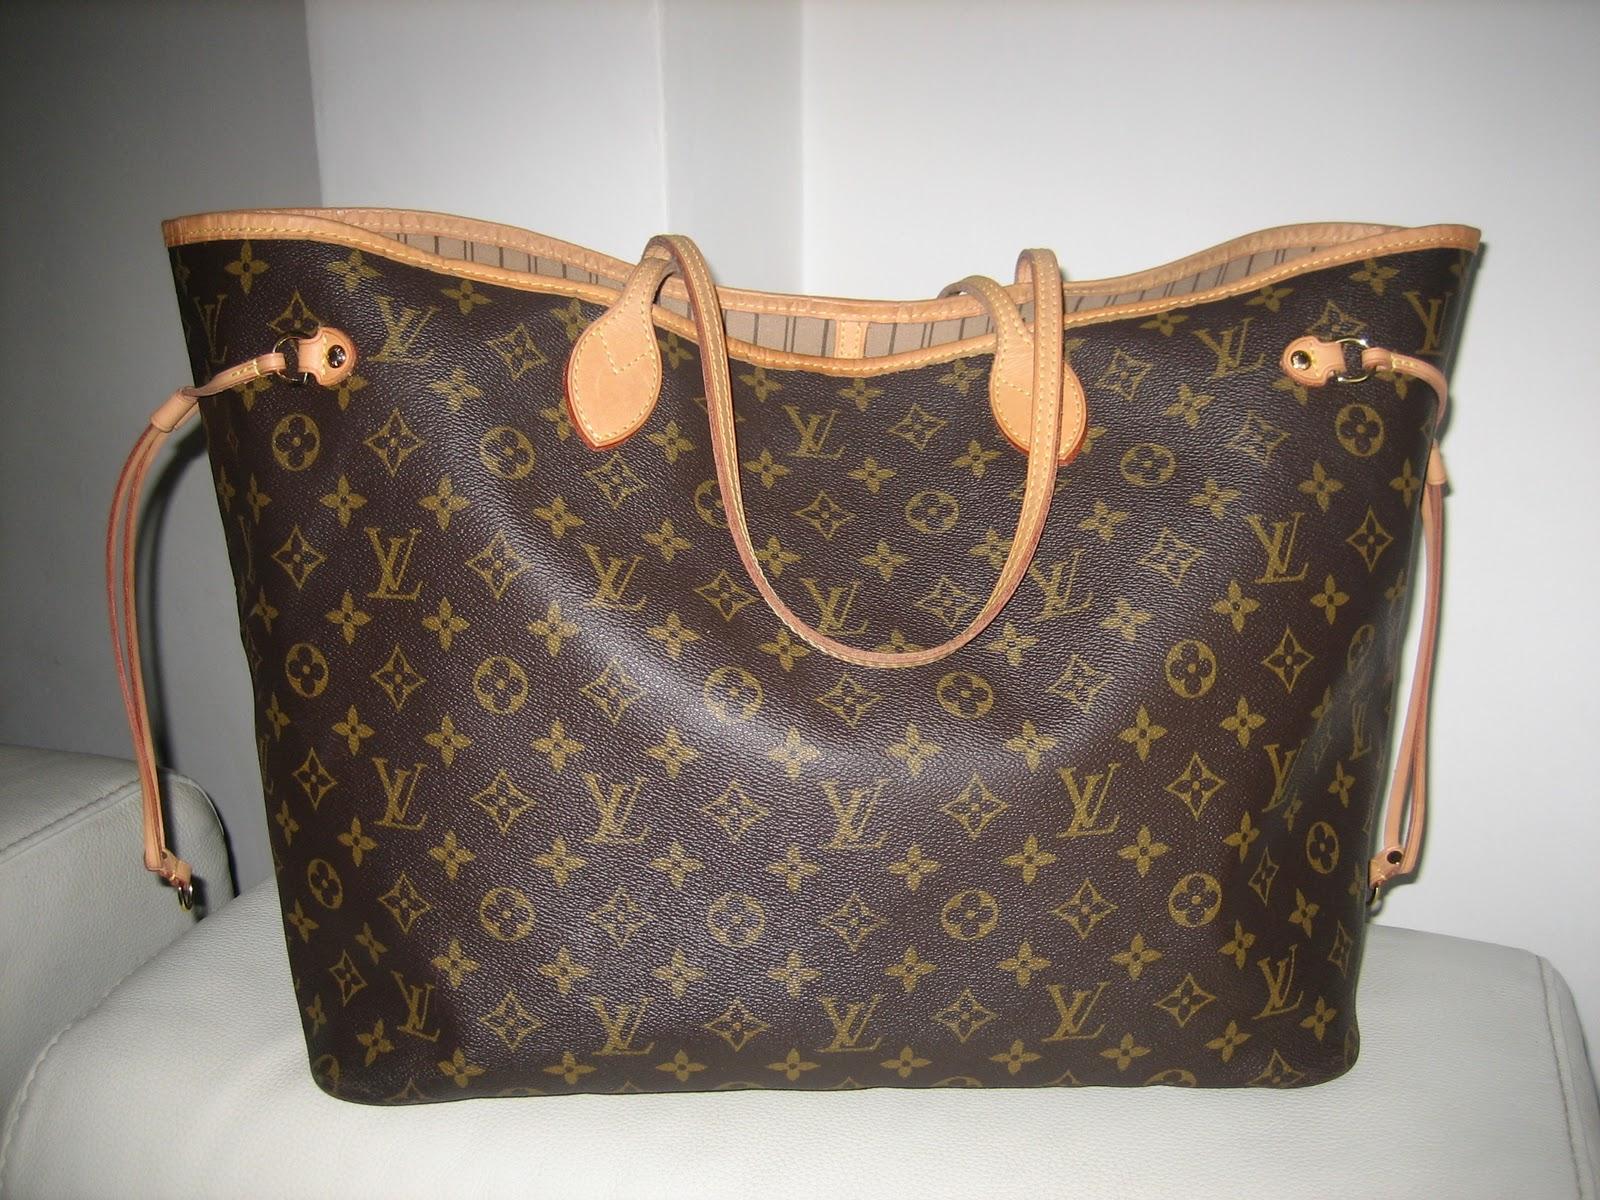 inventeur du sac a main. Sacs d  occasion de la marque Louis Vuitton. 9451a4c719c